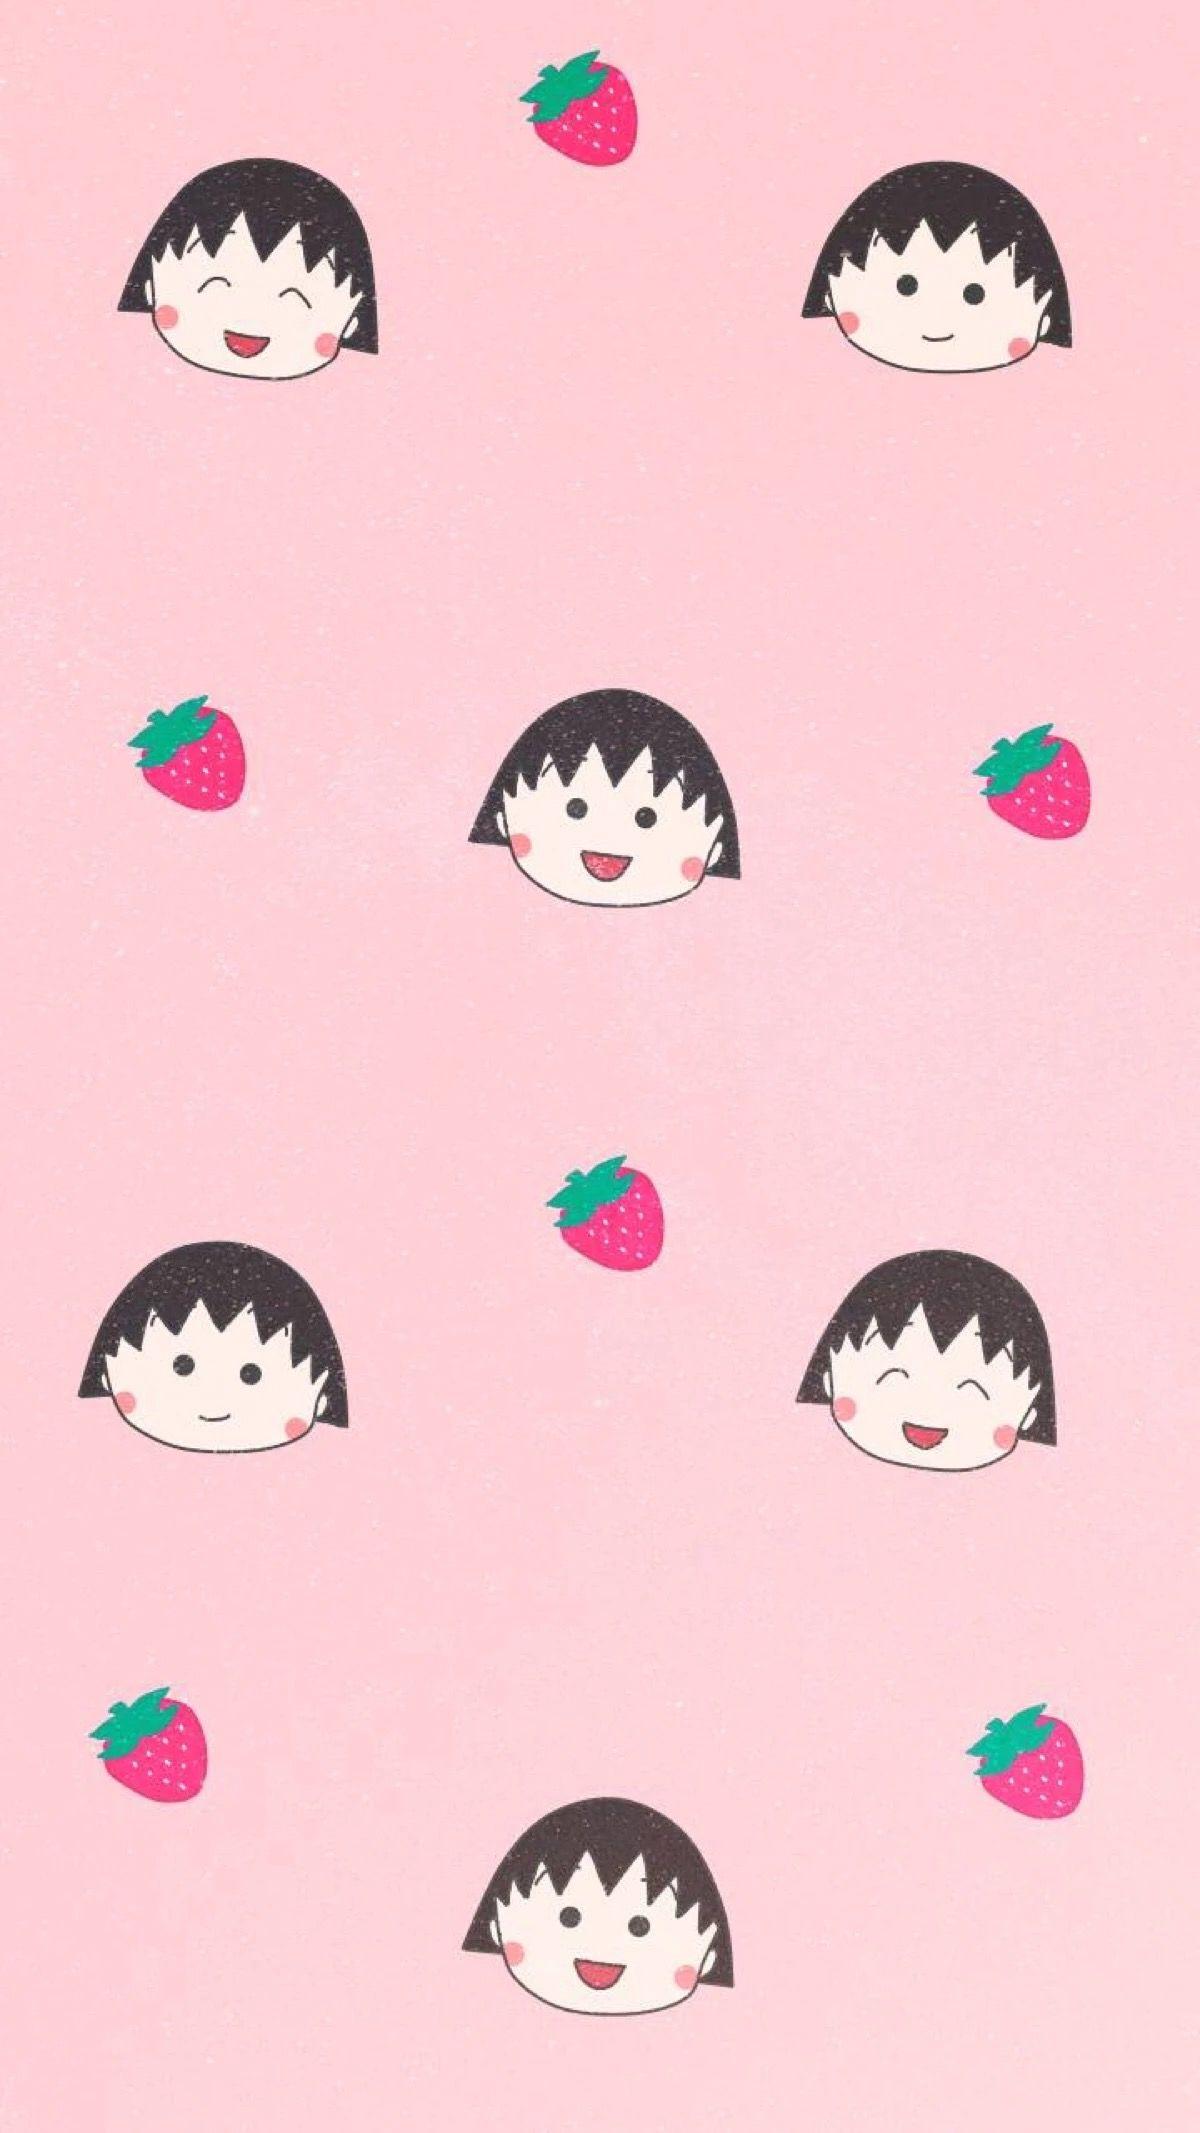 Chibi maruko chan Seni, Ilustrasi, Kartun